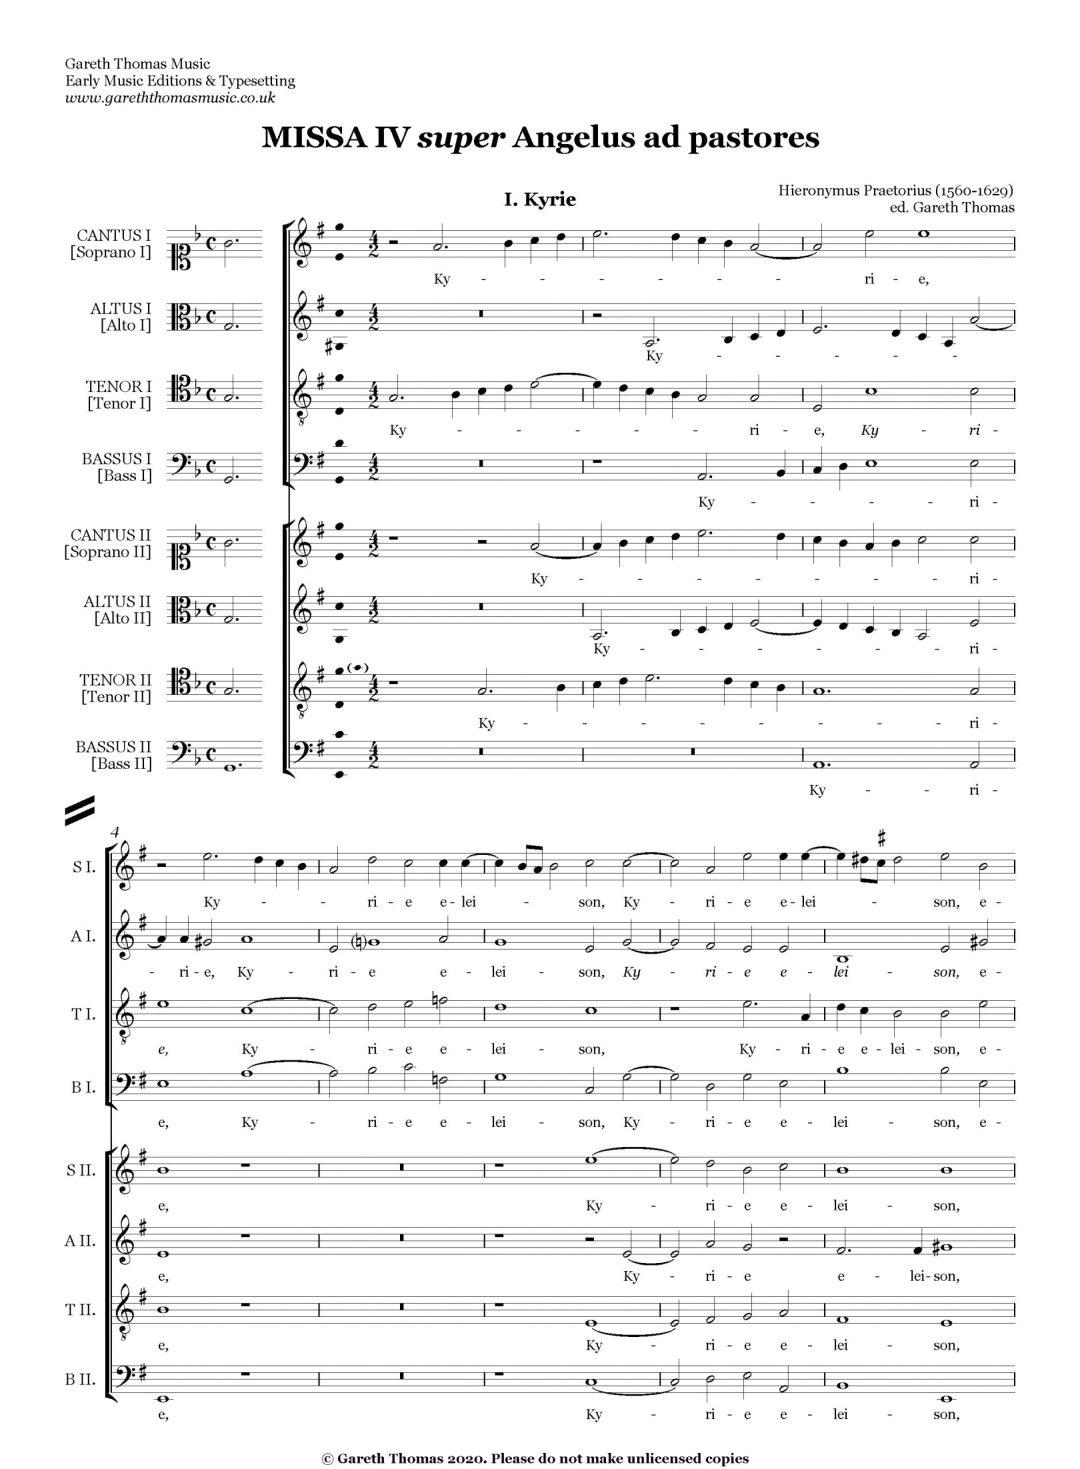 Hieronymous Praetorius Missa Angelus ad pastores SATB.SATB